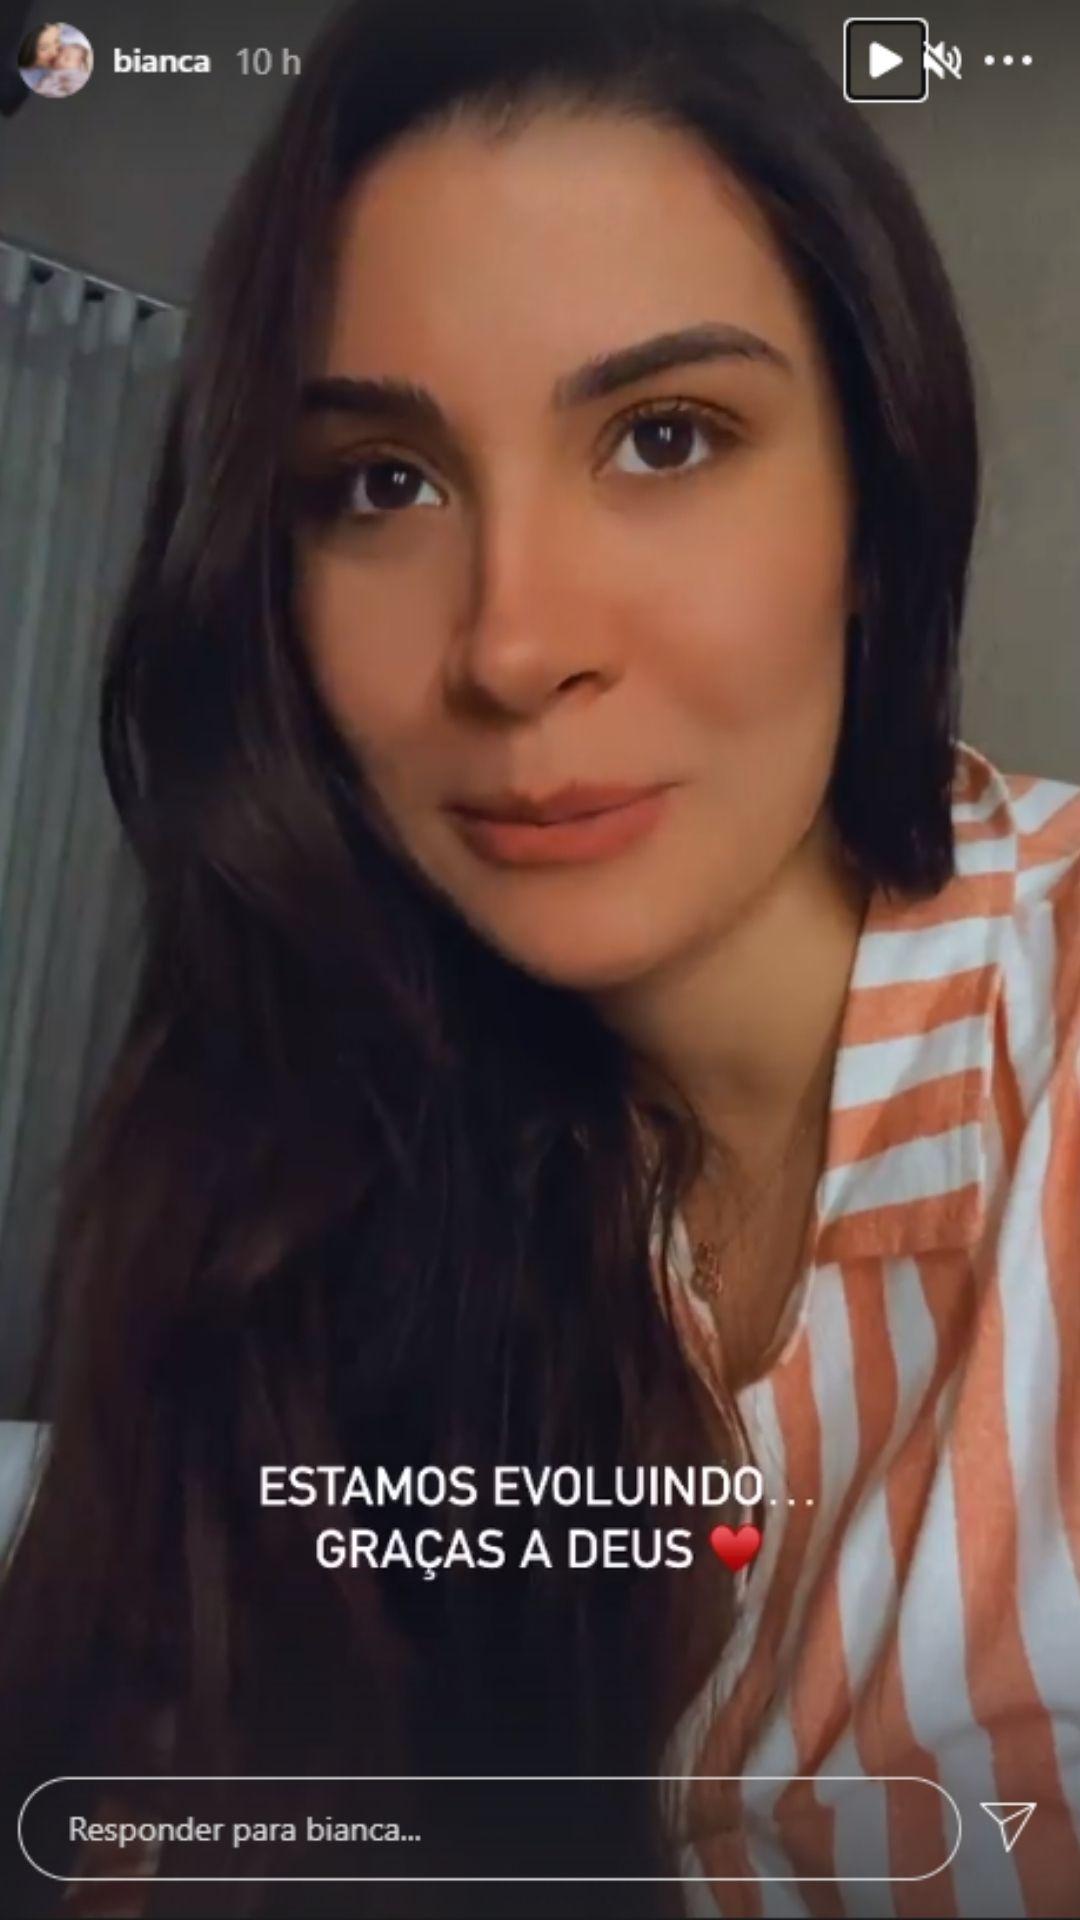 Bianca se emociona ao relatar o pós-parto. Foto: Reprodução/Instagram